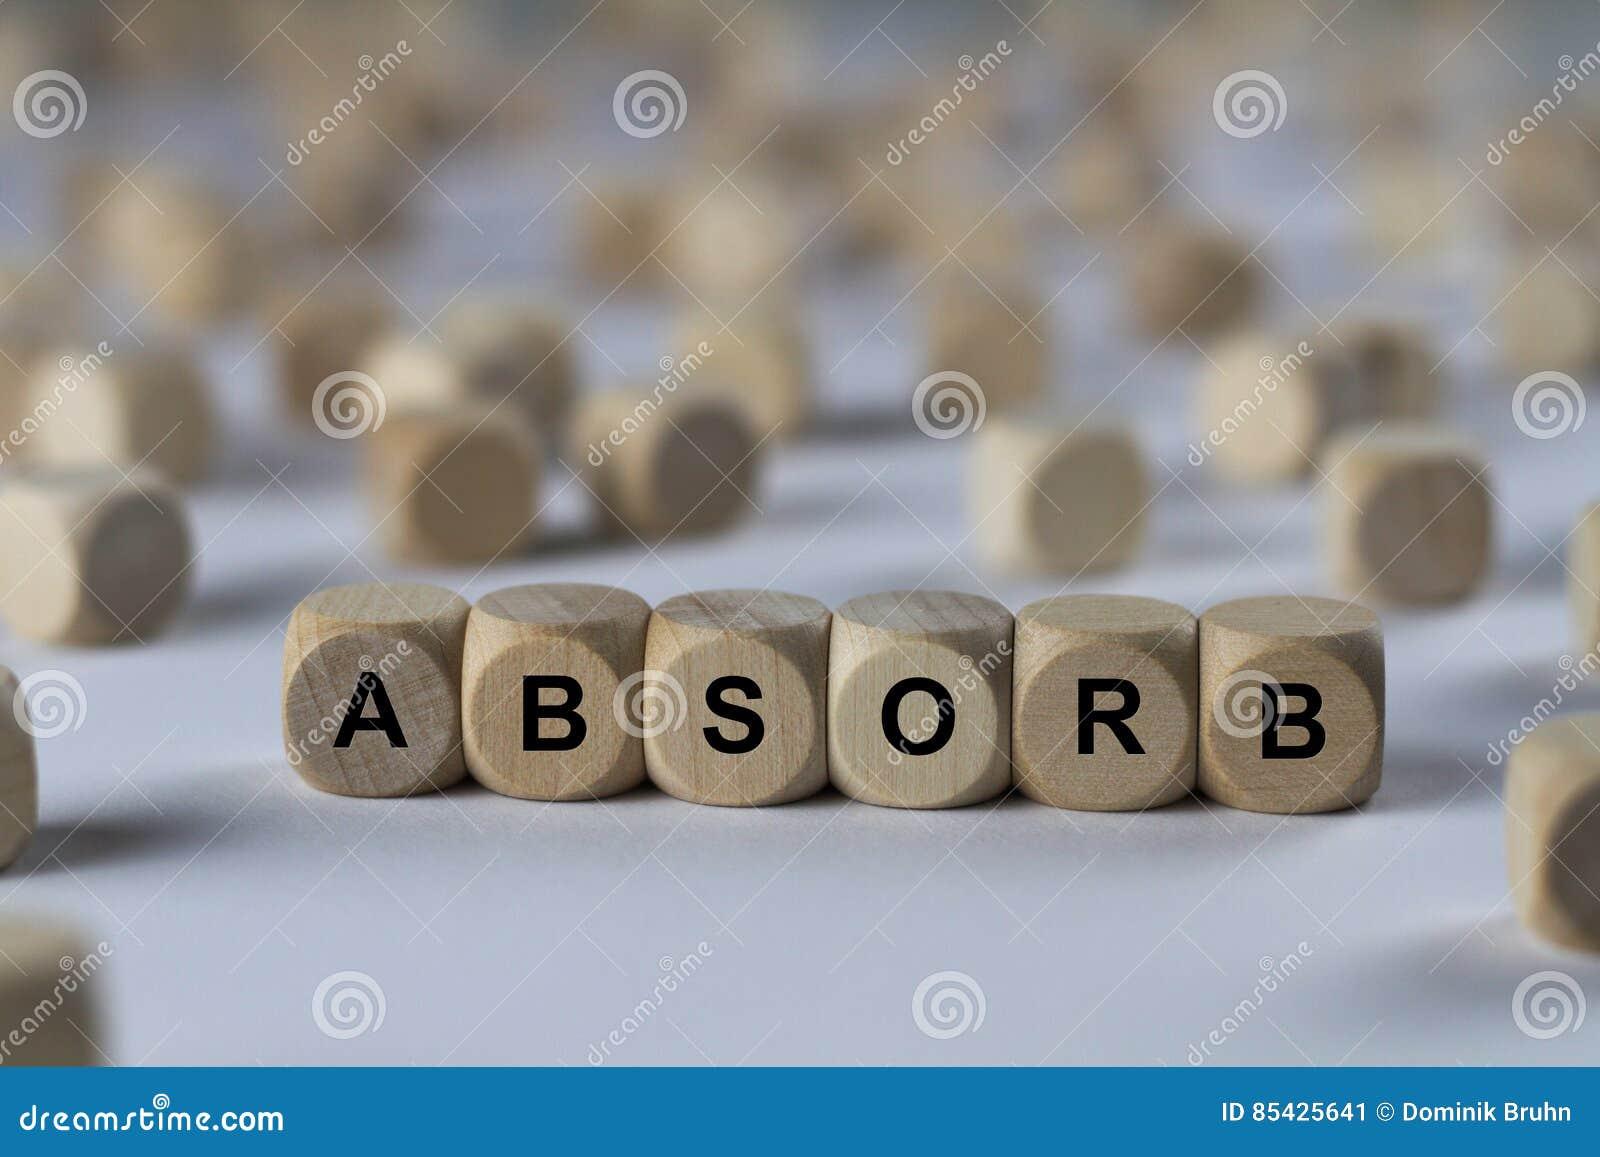 Απορροφήστε - κύβος με τις επιστολές, σημάδι με τους ξύλινους κύβους